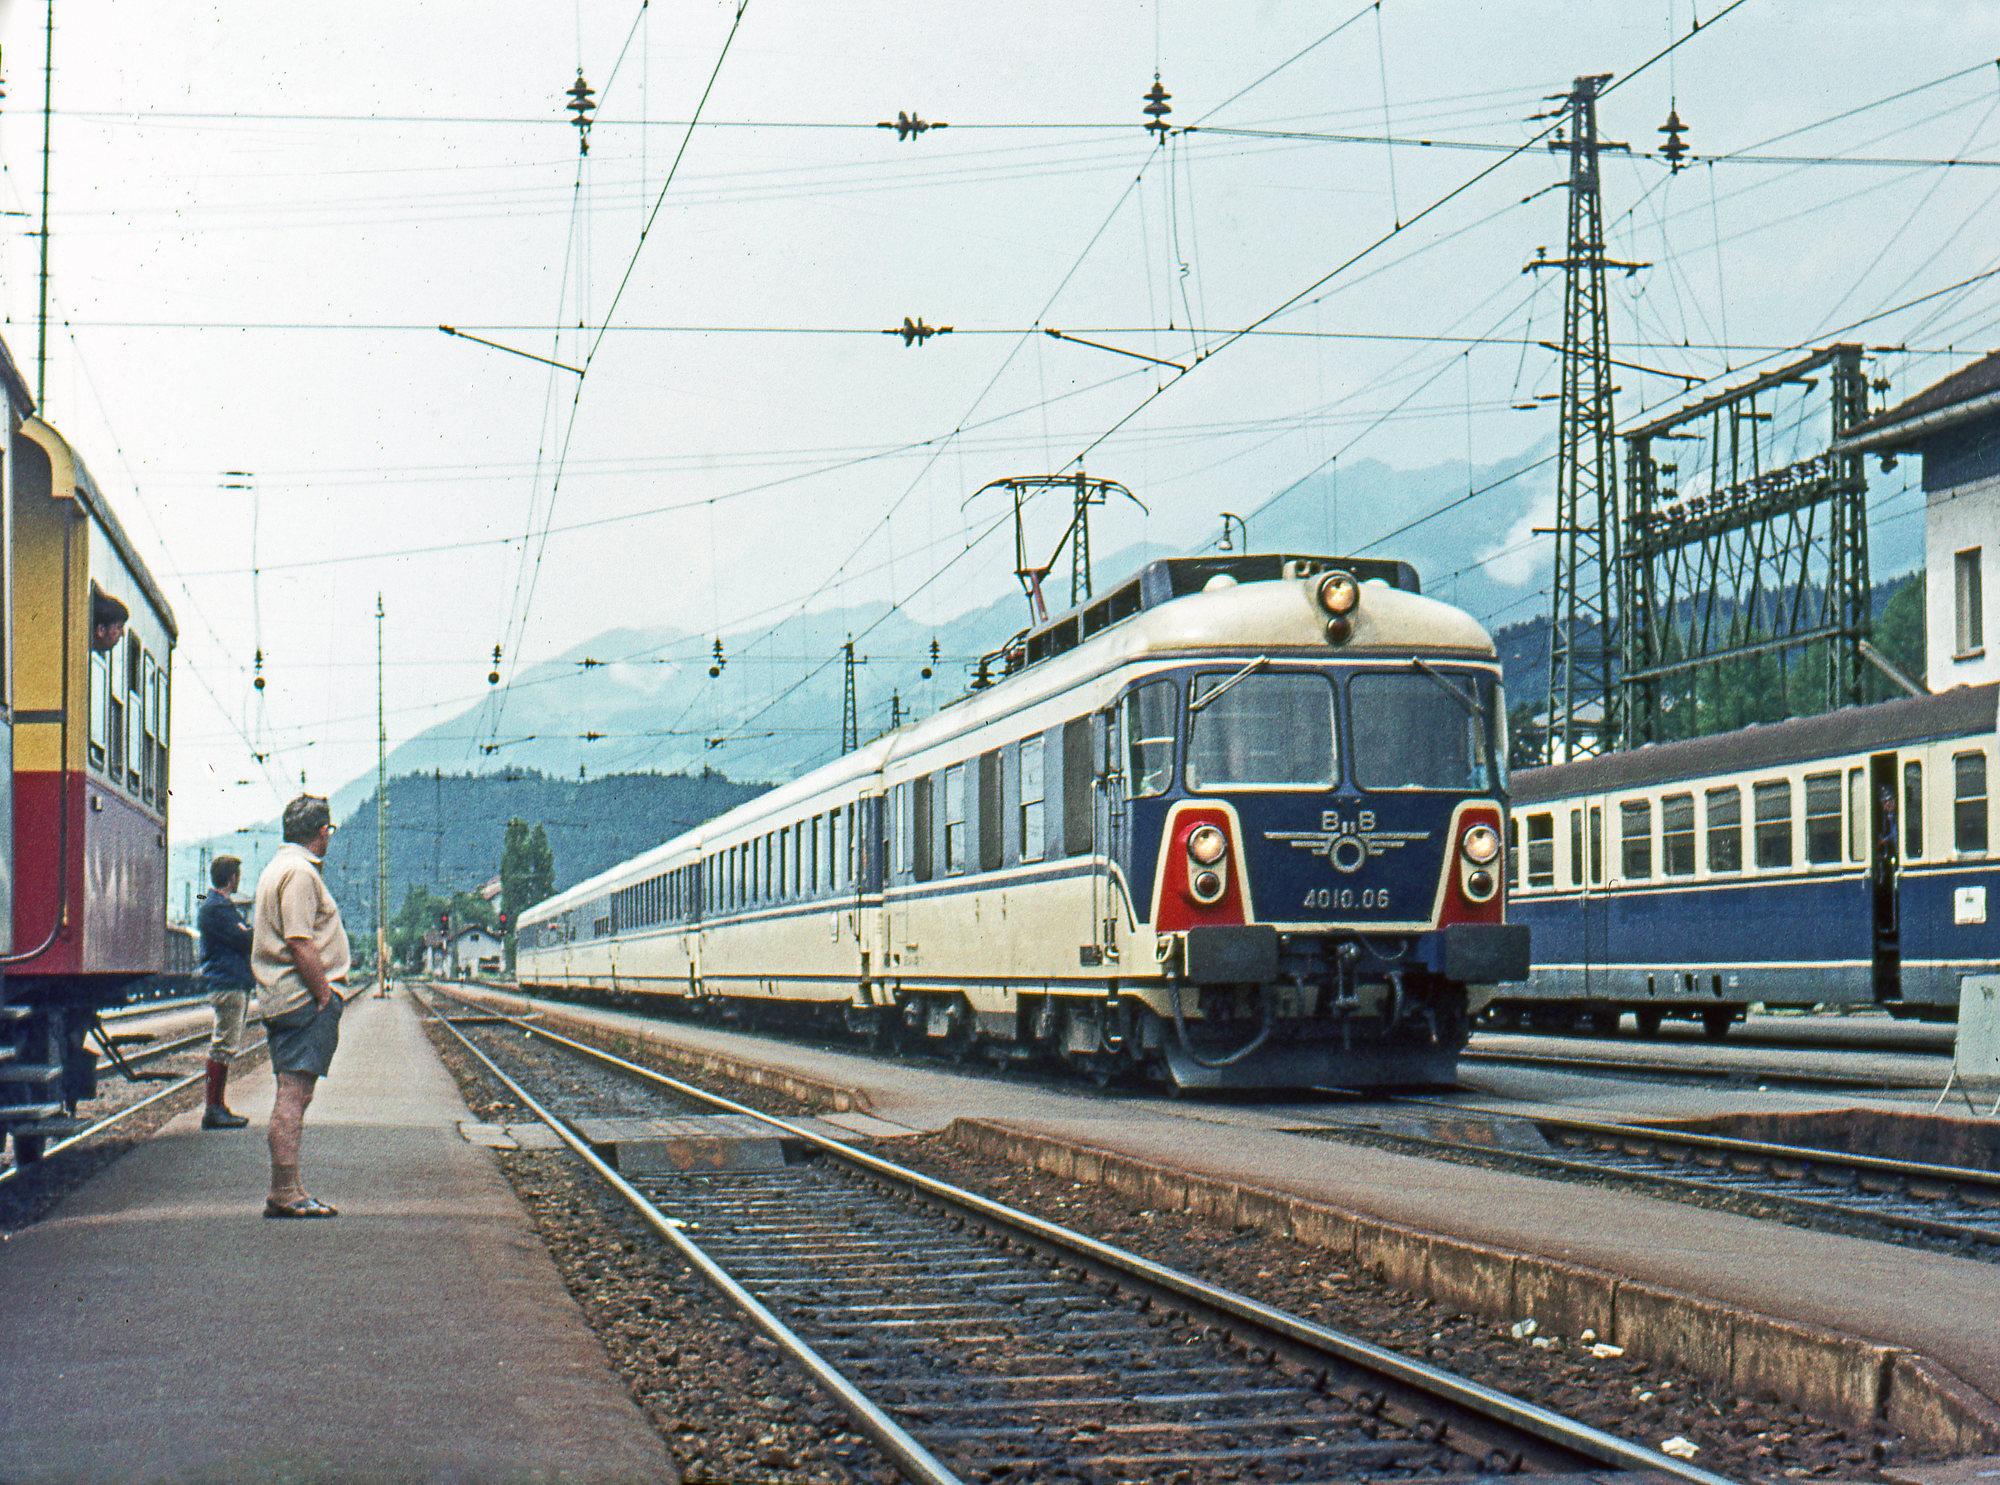 Transalpin Zürich to Wien train